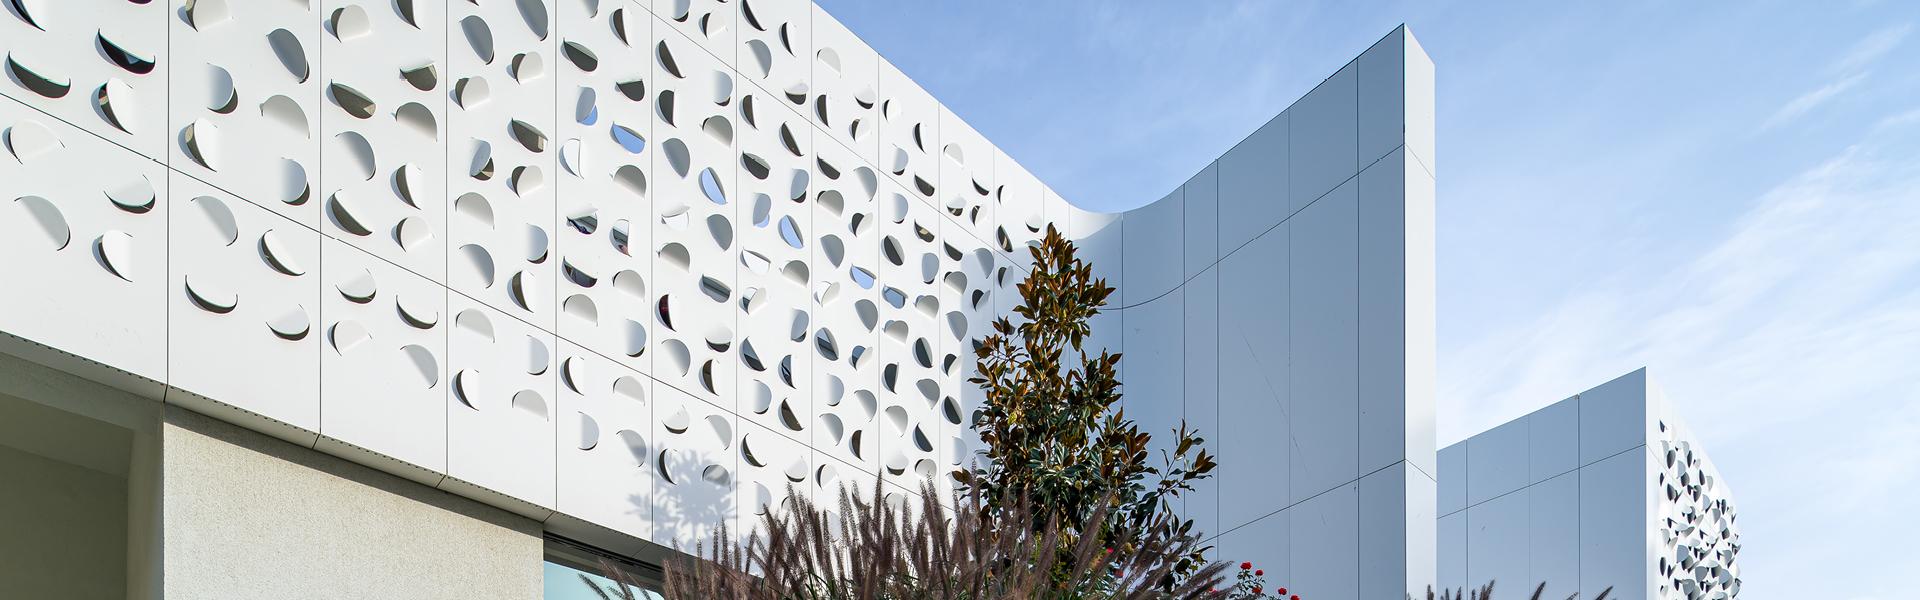 Kerrock facade